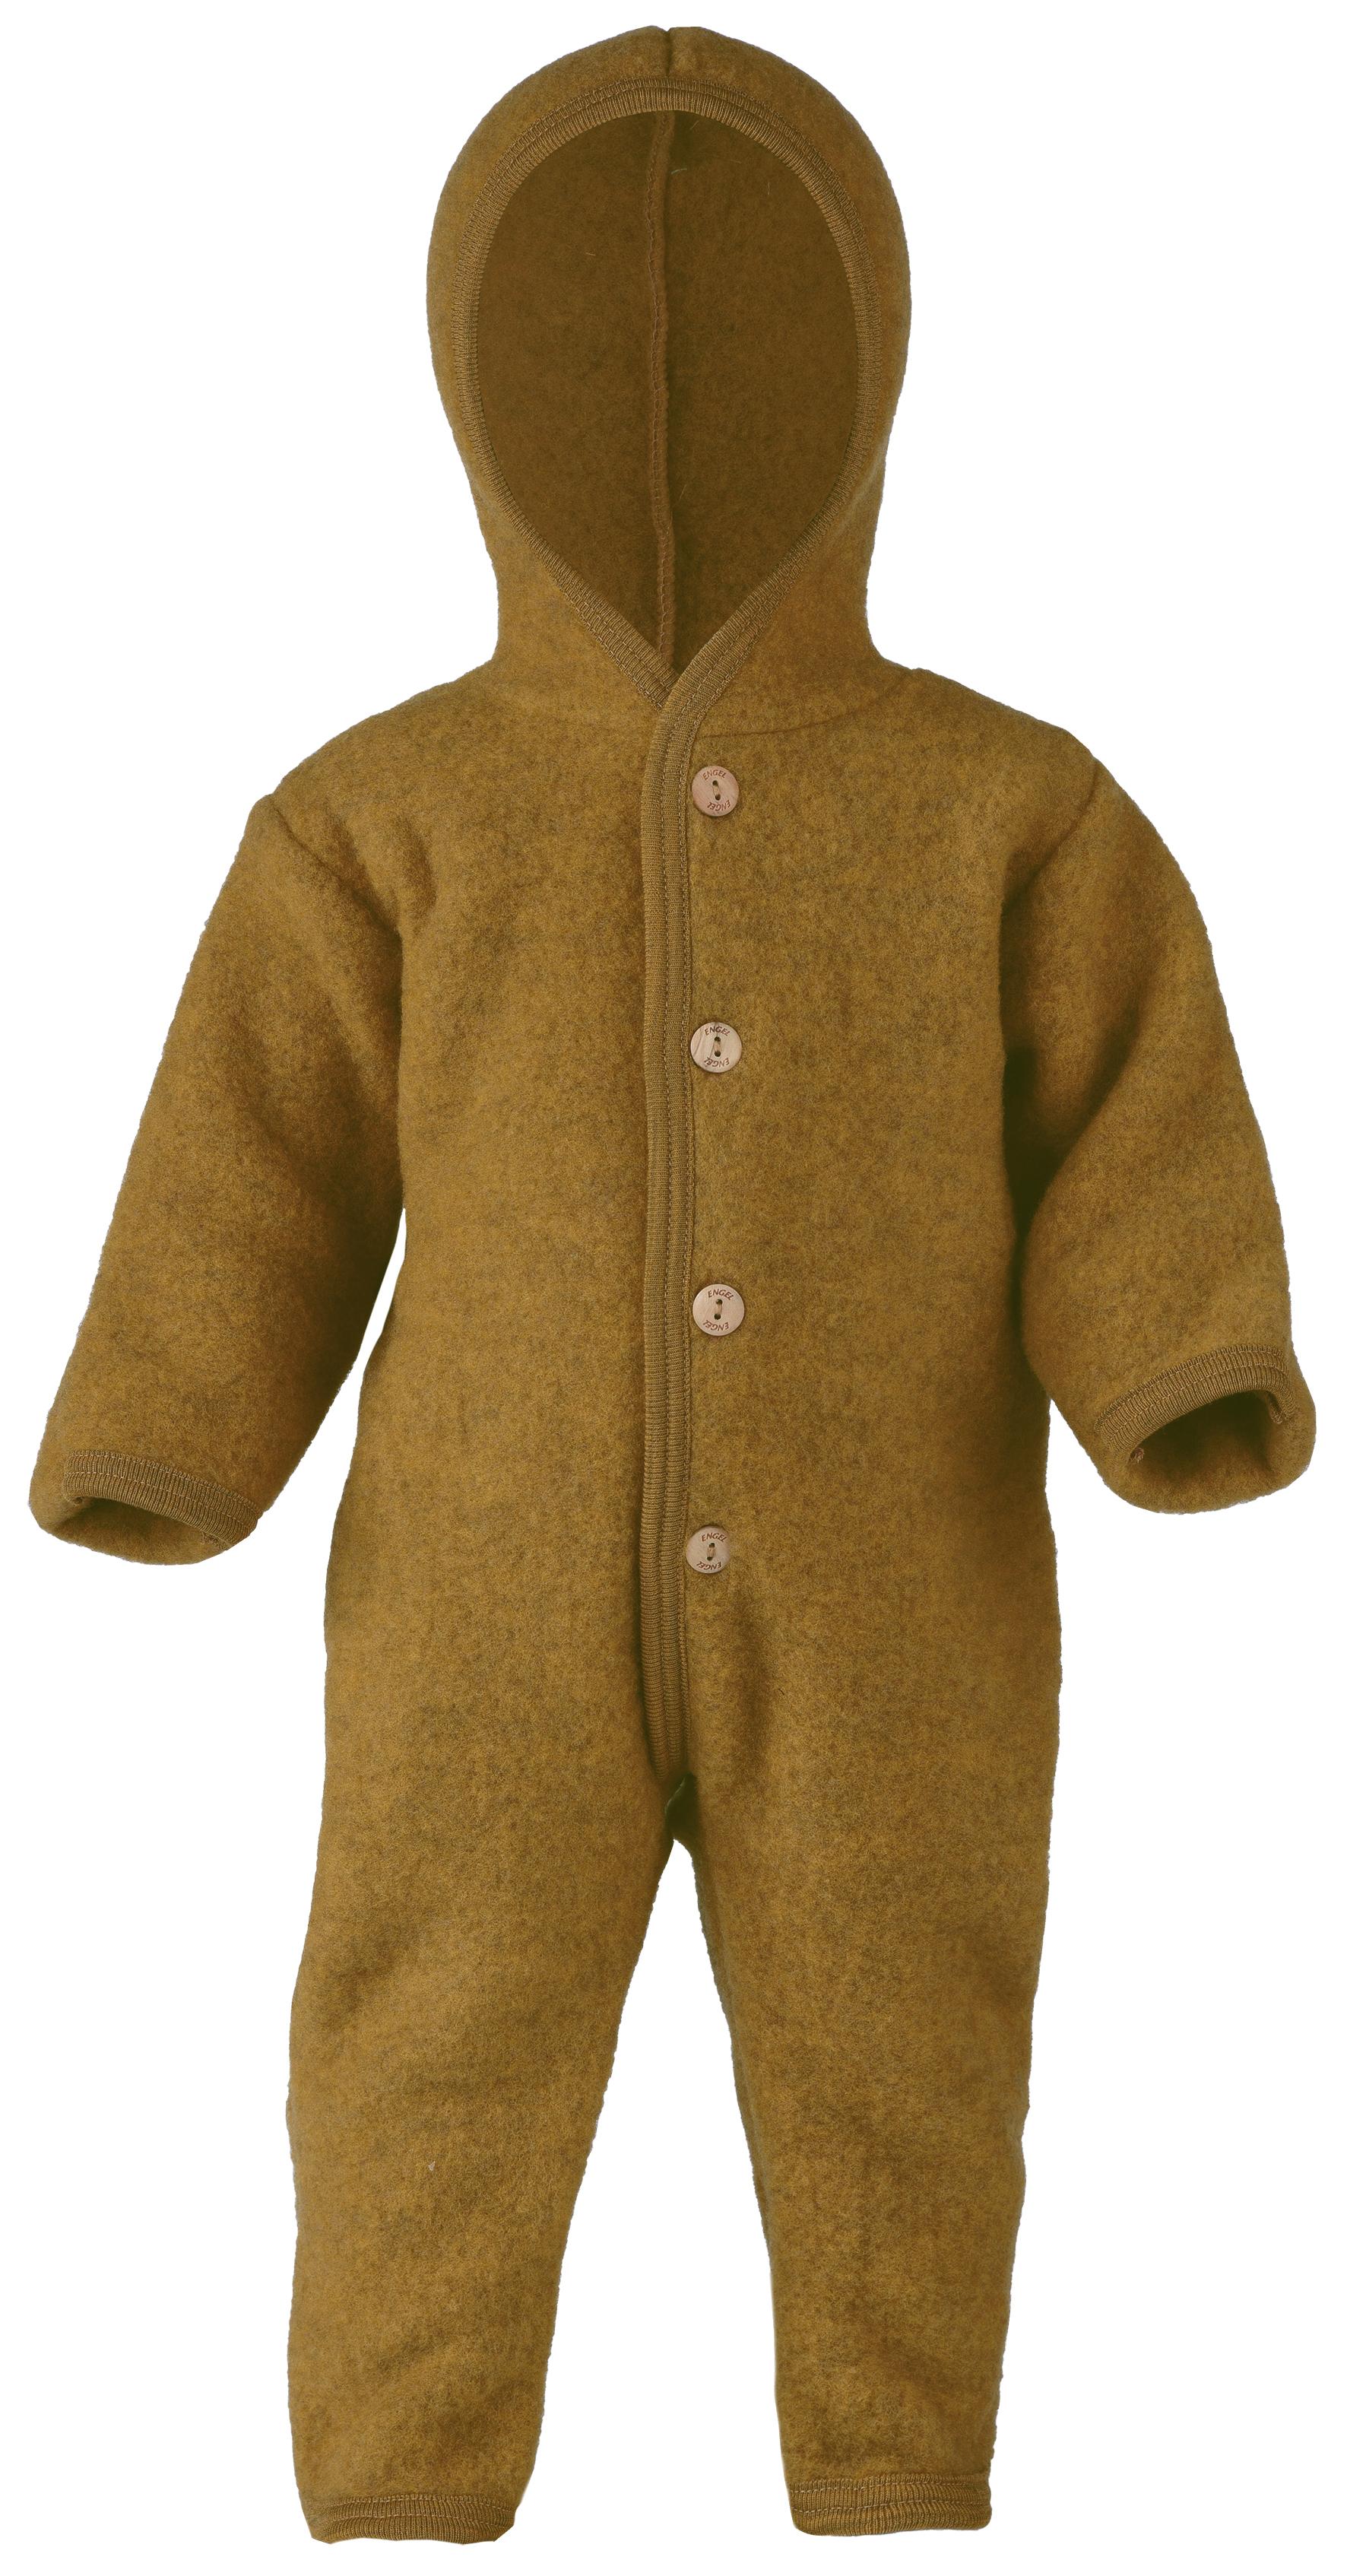 Gigoteuses et combinaisons, manteaux ENGEL Nouveauté - Combinaison bébé en 100% laine mérinos, polaire (50 au 92)